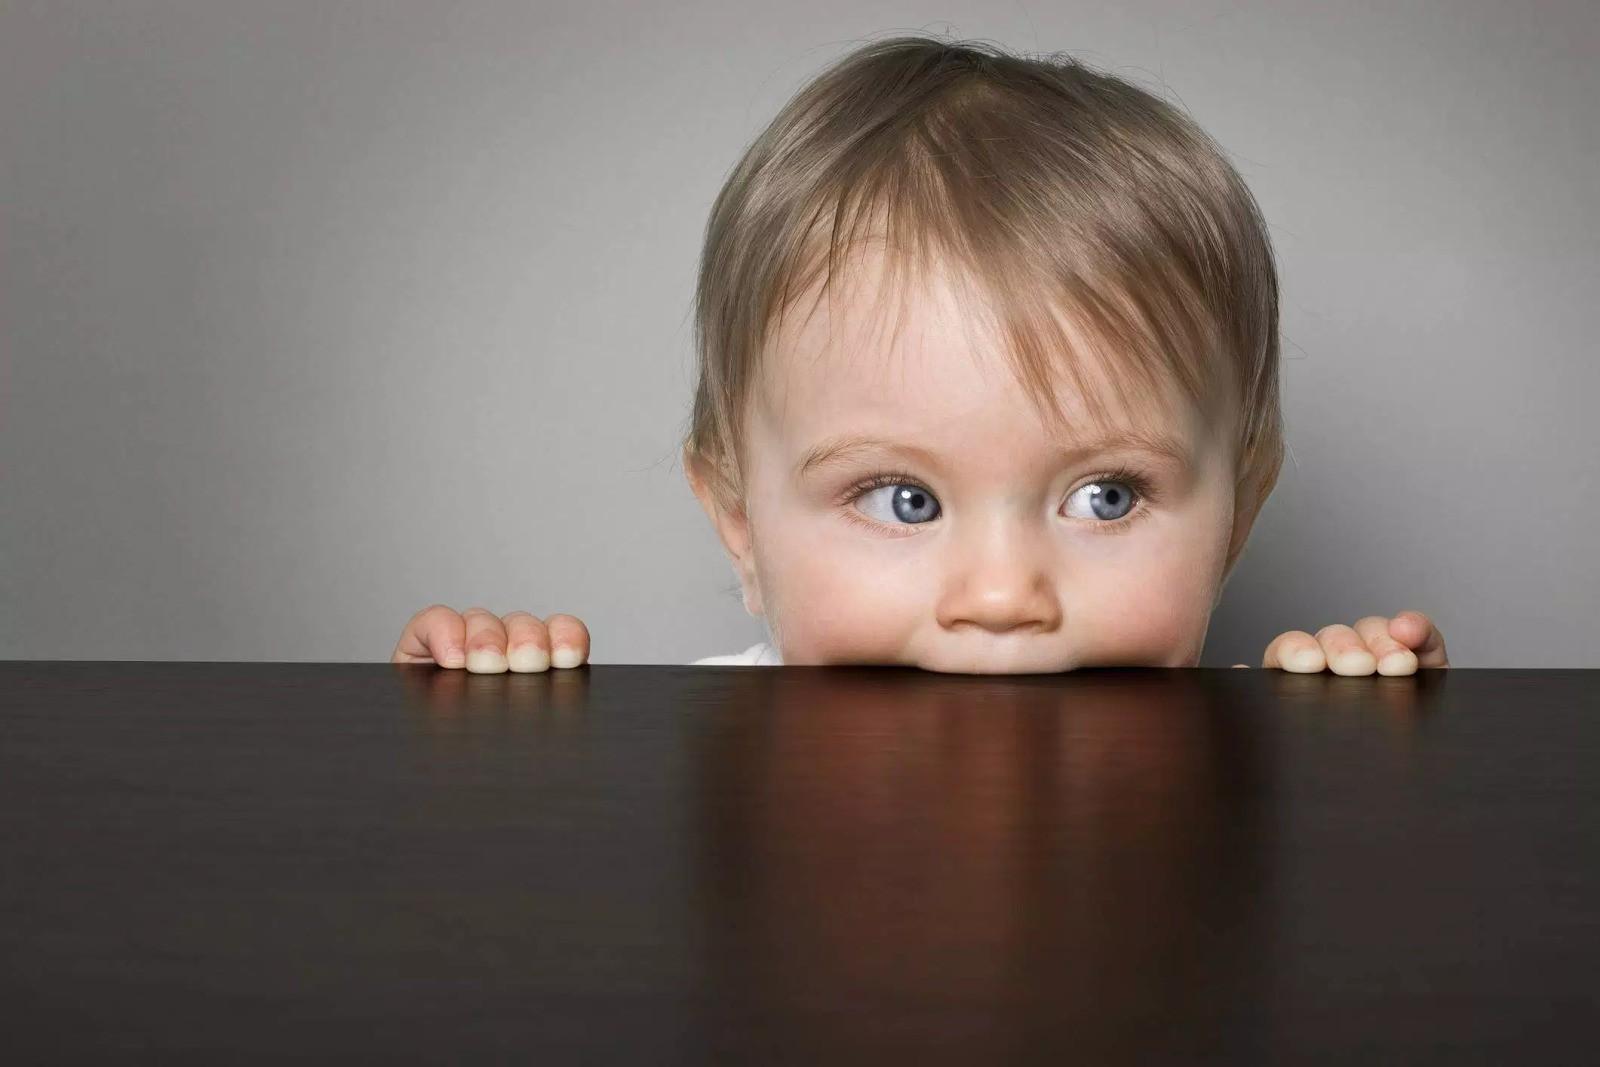 Hành trình sinh con từ tinh trùng hiến tặng của những phụ nữ chọn làm mẹ đơn thân: Một mình chống chọi mọi chông gai, vất vả khó ai thấu hiểu - Ảnh 4.